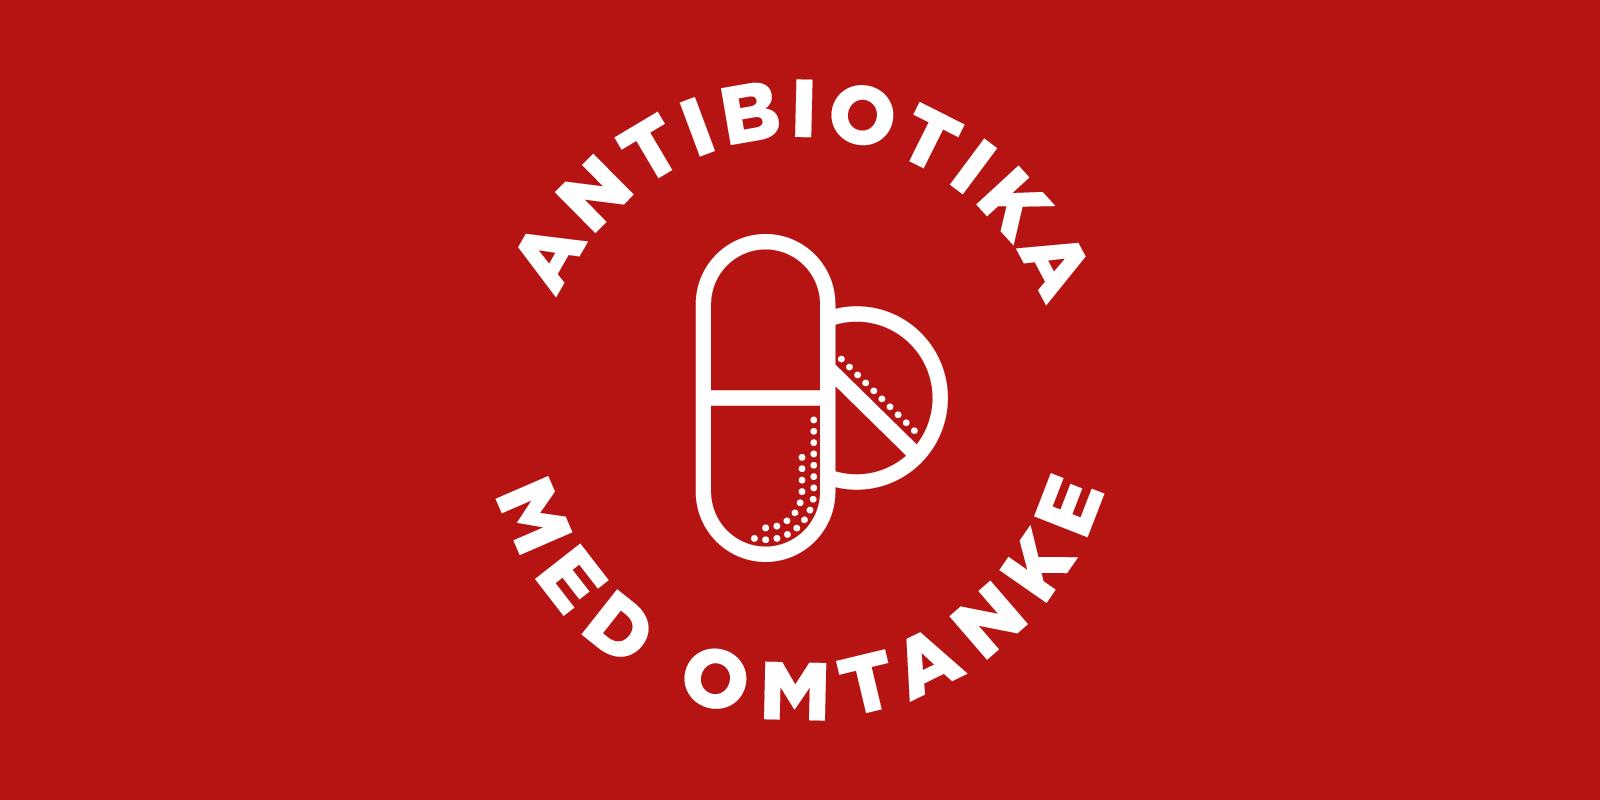 Antibiotika med omtanke logo